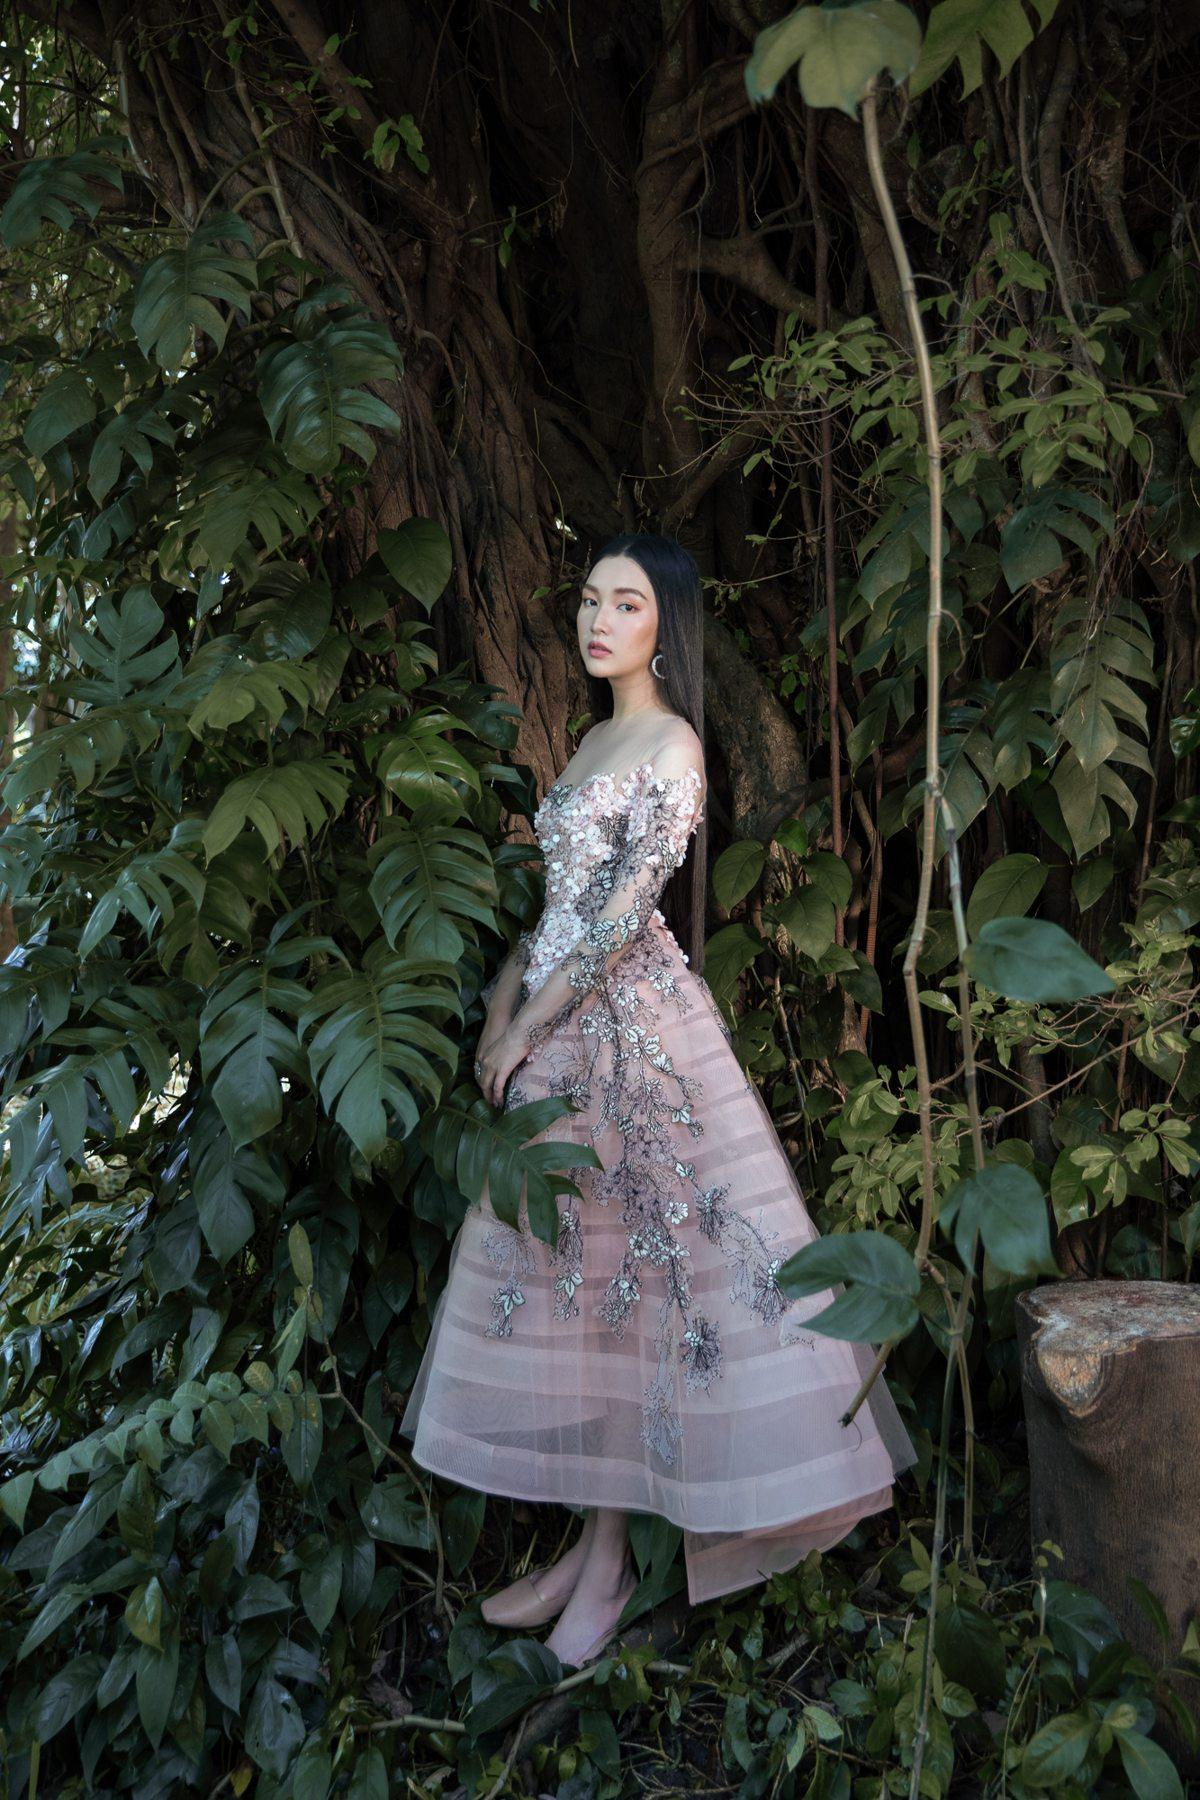 'Nàng thơ xứ Huế' Ngọc Trân cuốn hút với nét mơ màng trong loạt váy áo e ấp Ảnh 5